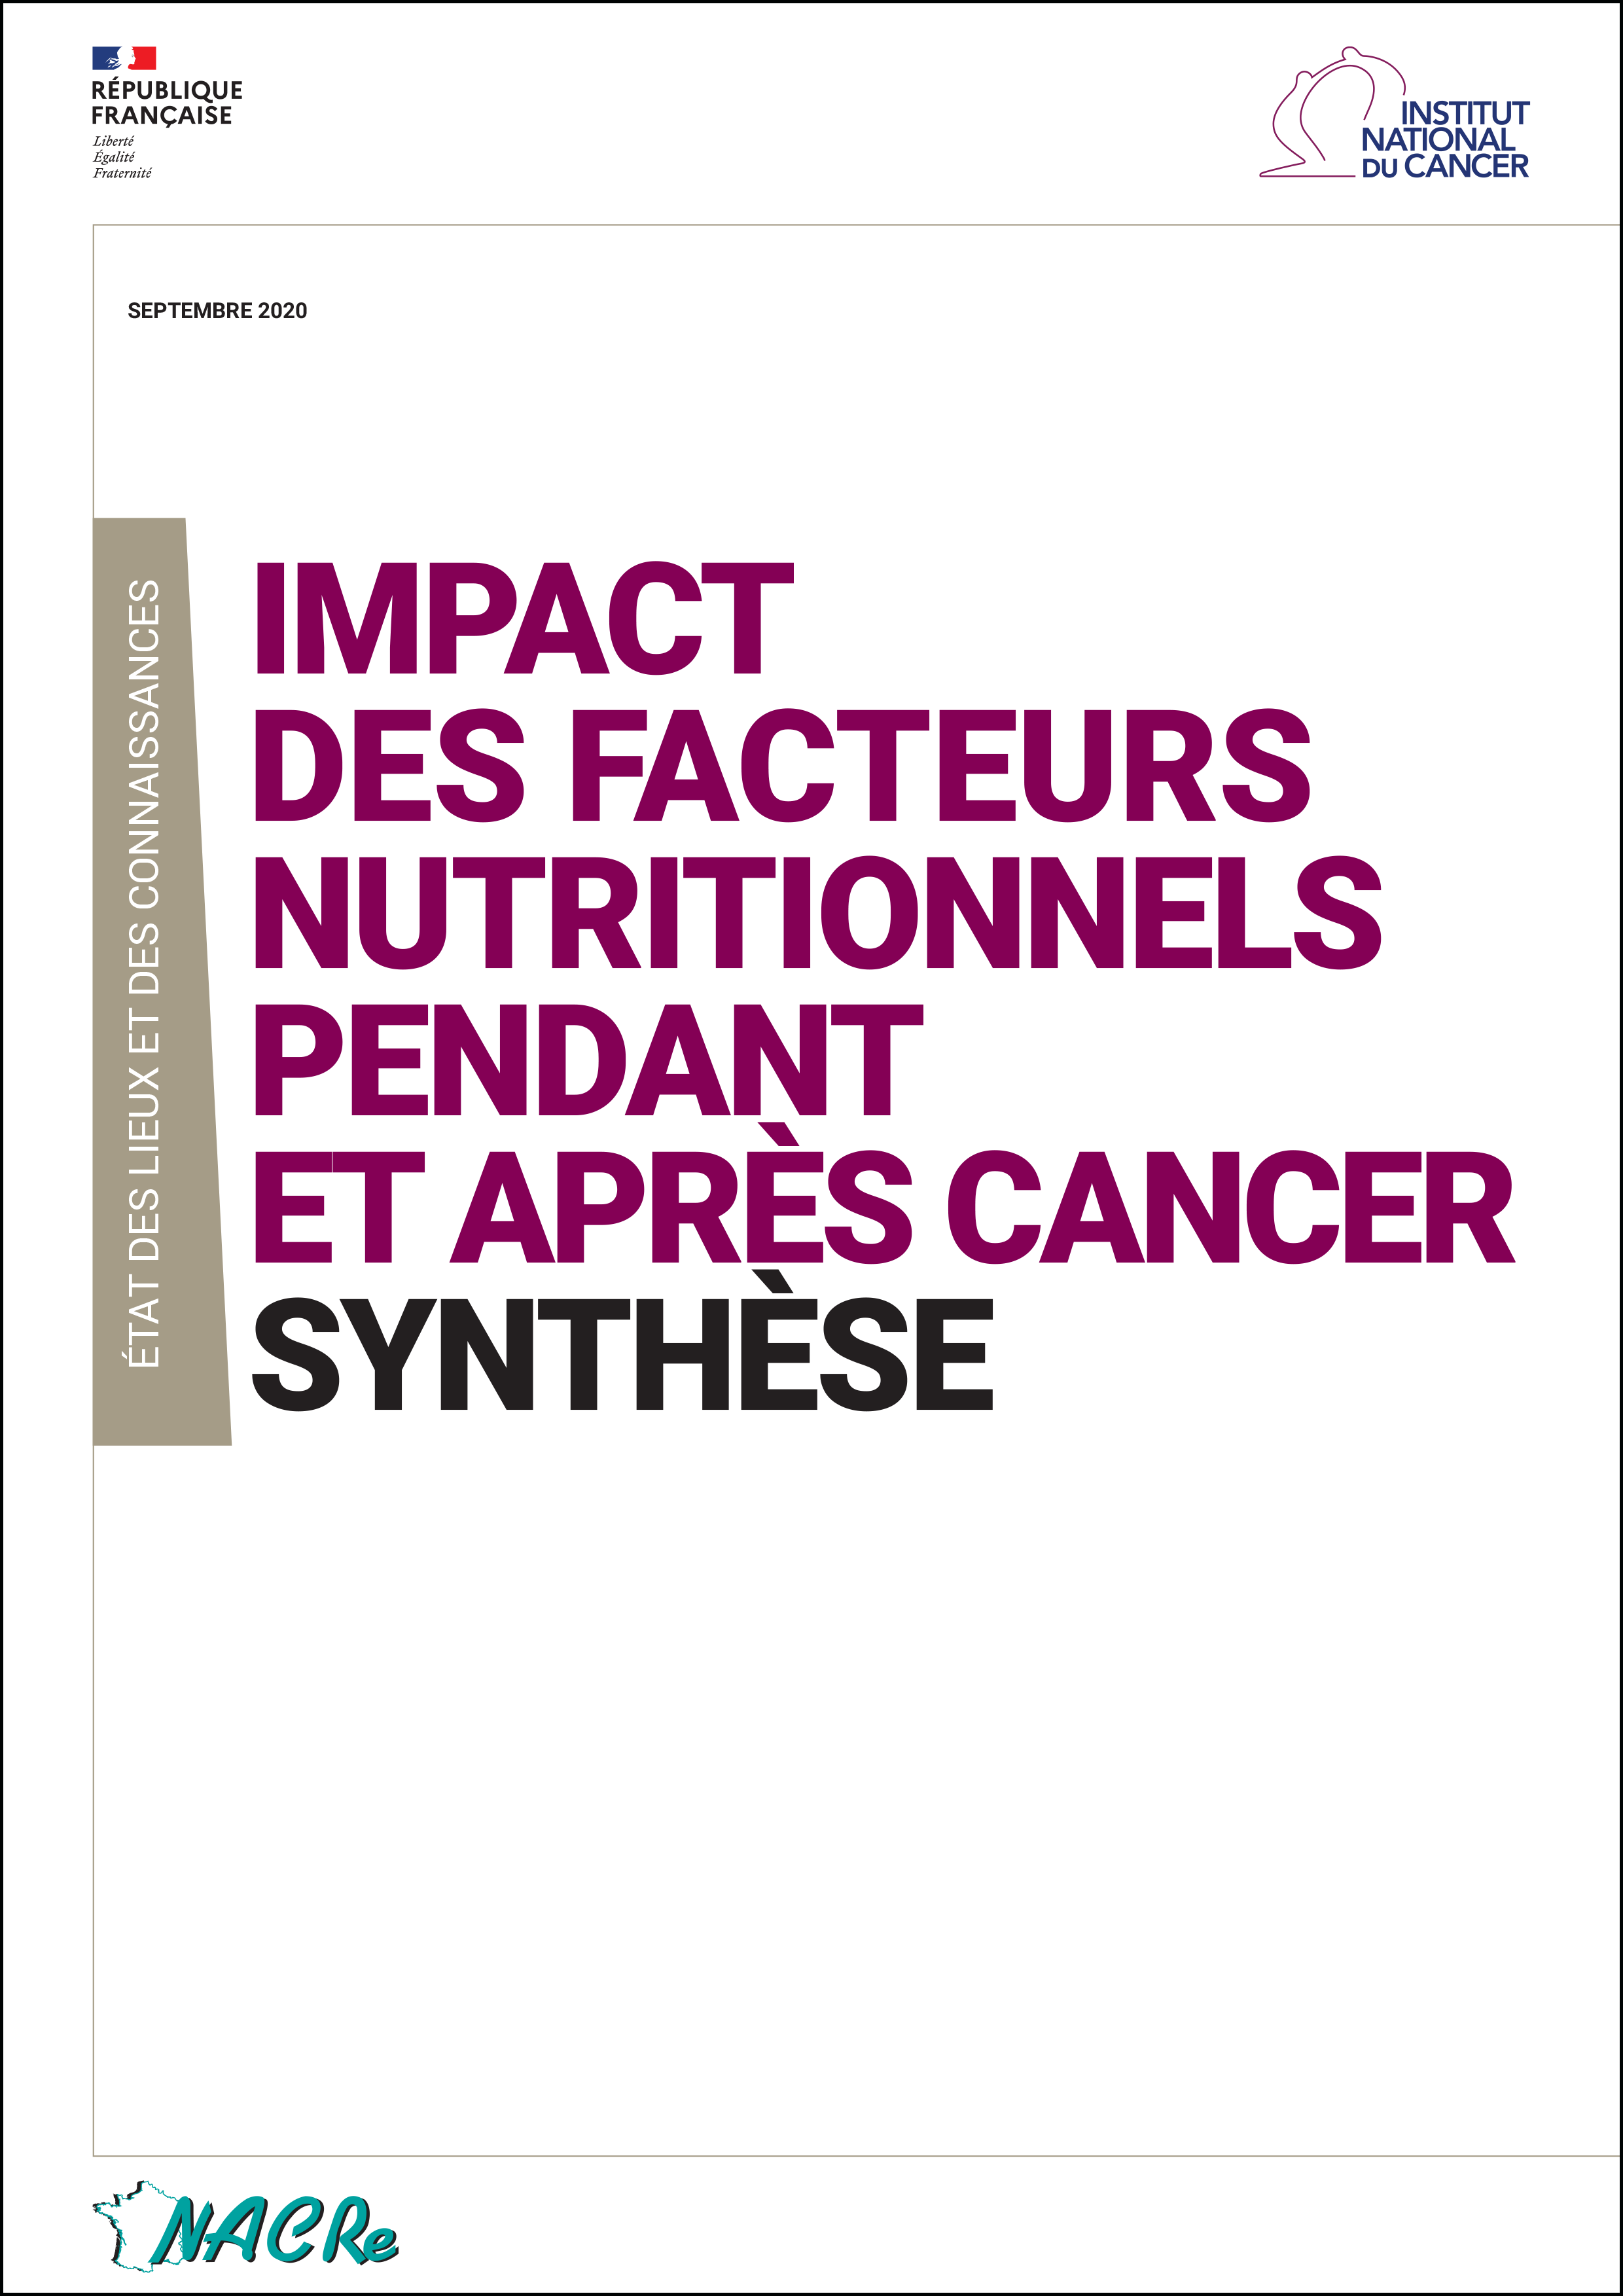 Synthese ''Impact des facteurs nutritionnels pendant et après cancer'' INCa-NACRe 2020